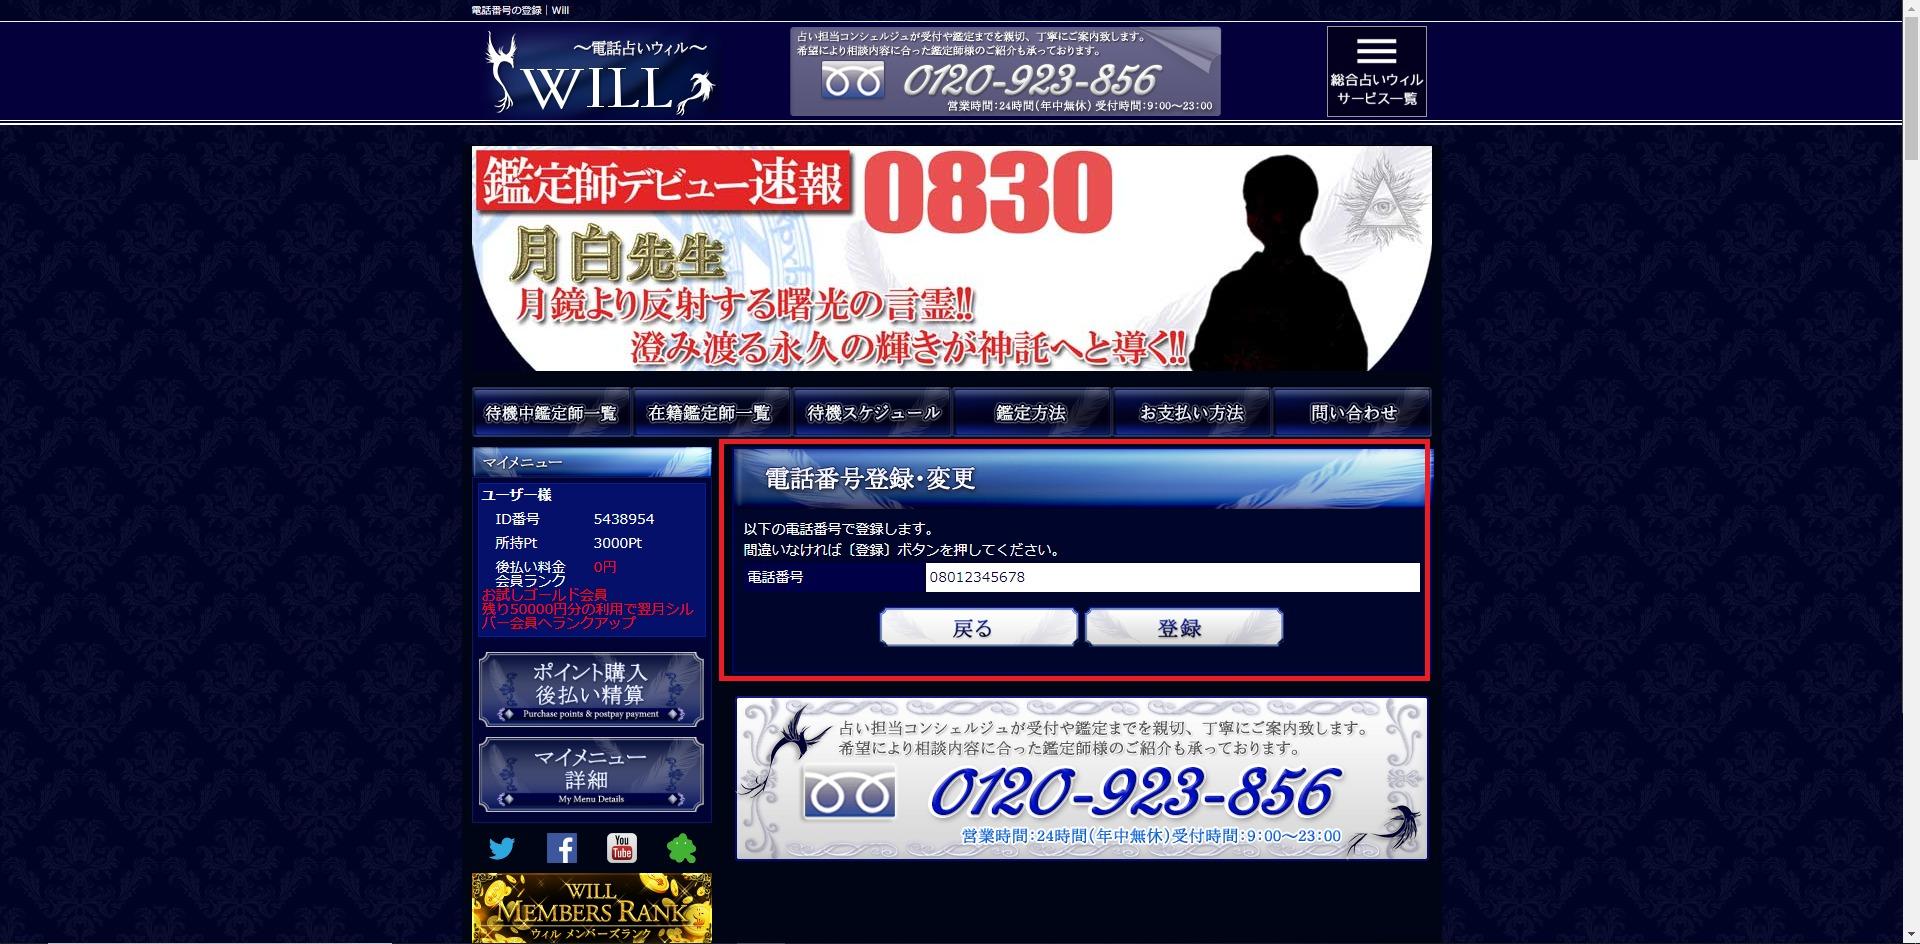 電話占いウィル 電話番号確認画面